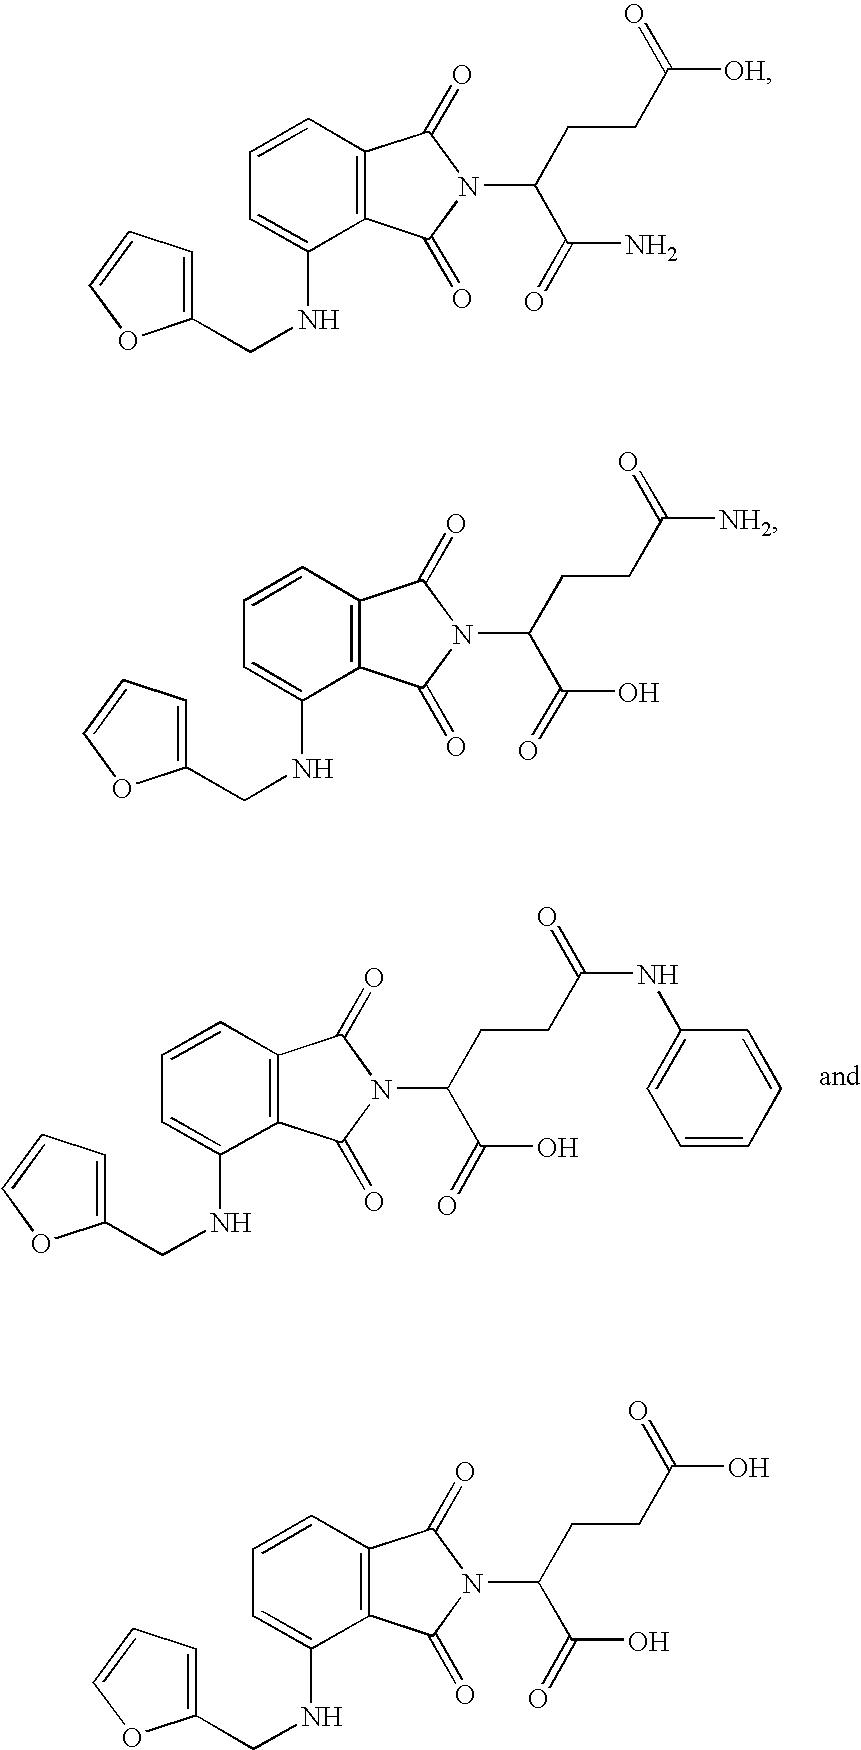 Figure US20060122228A1-20060608-C00023